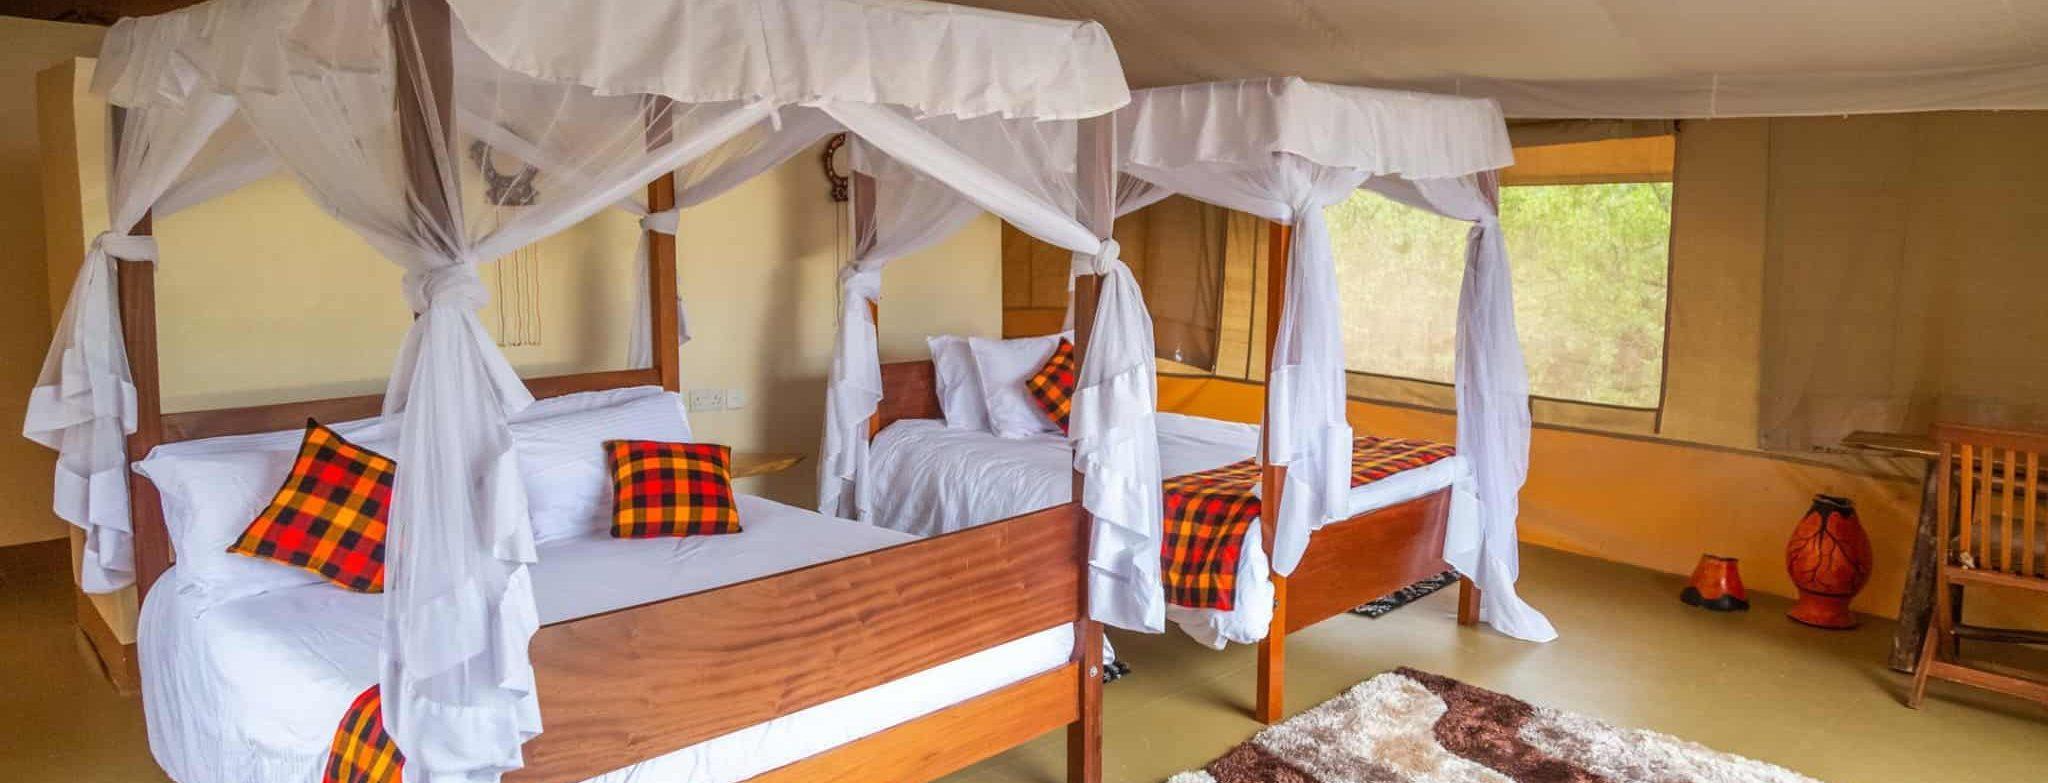 guests stay at Enkorok Mara camp while on our Kenya and Tanzania circuit safari